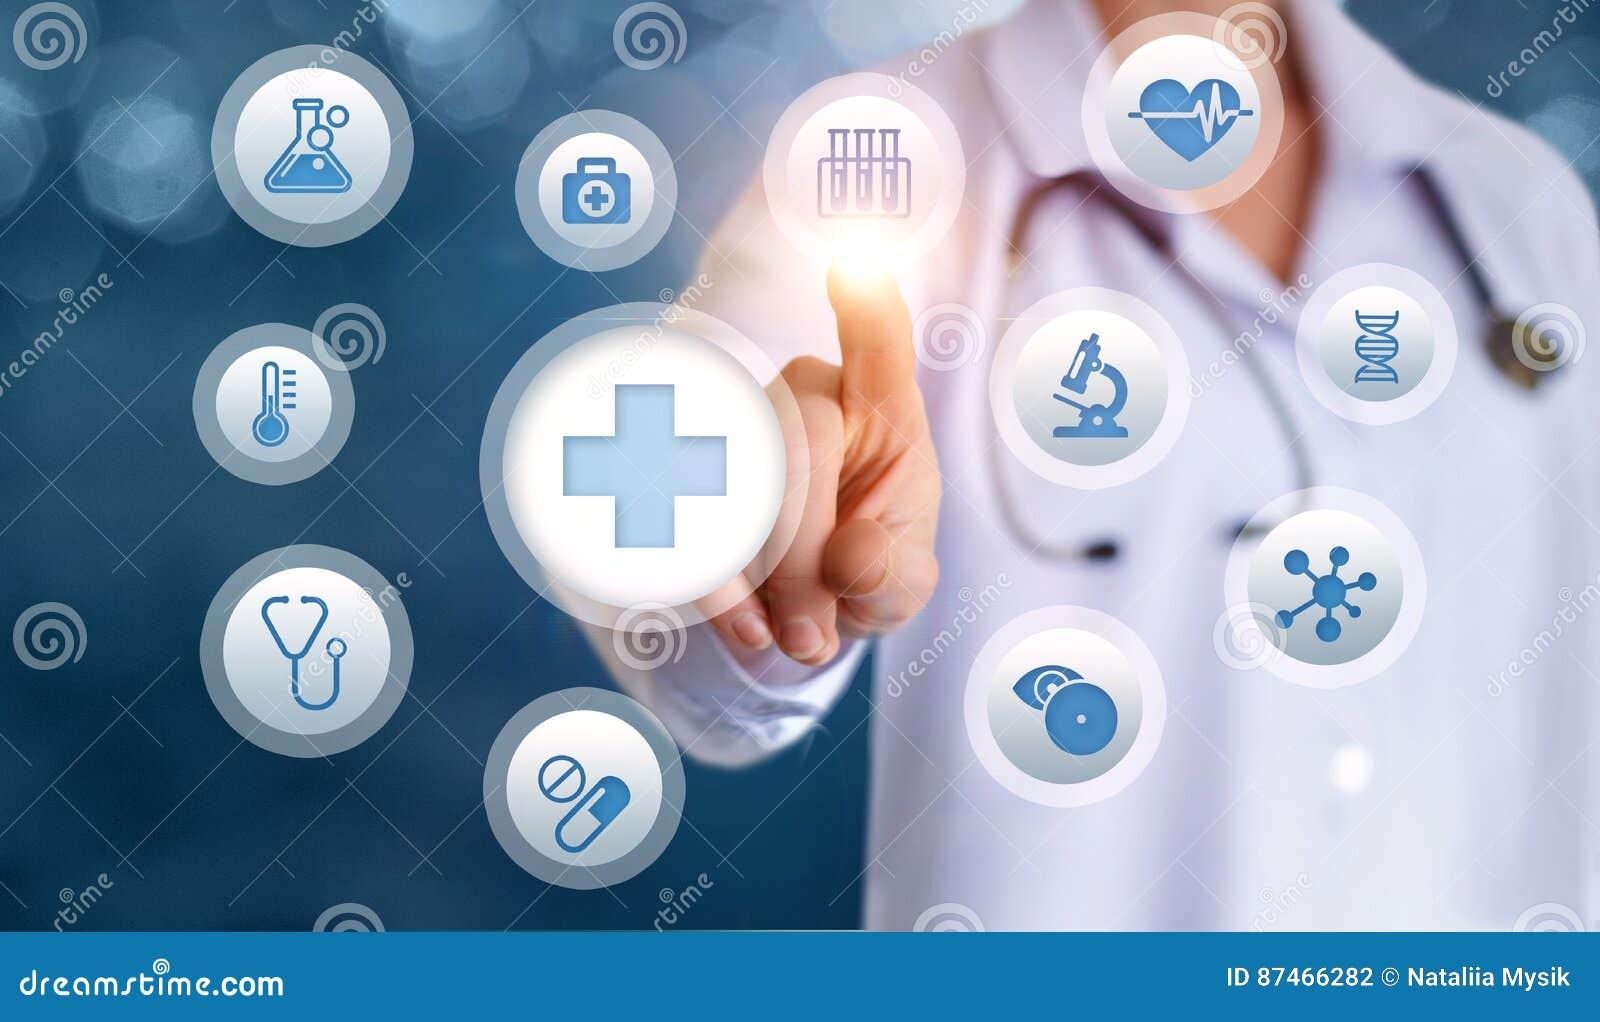 Δοκιμές επικύρωσης του ασθενή